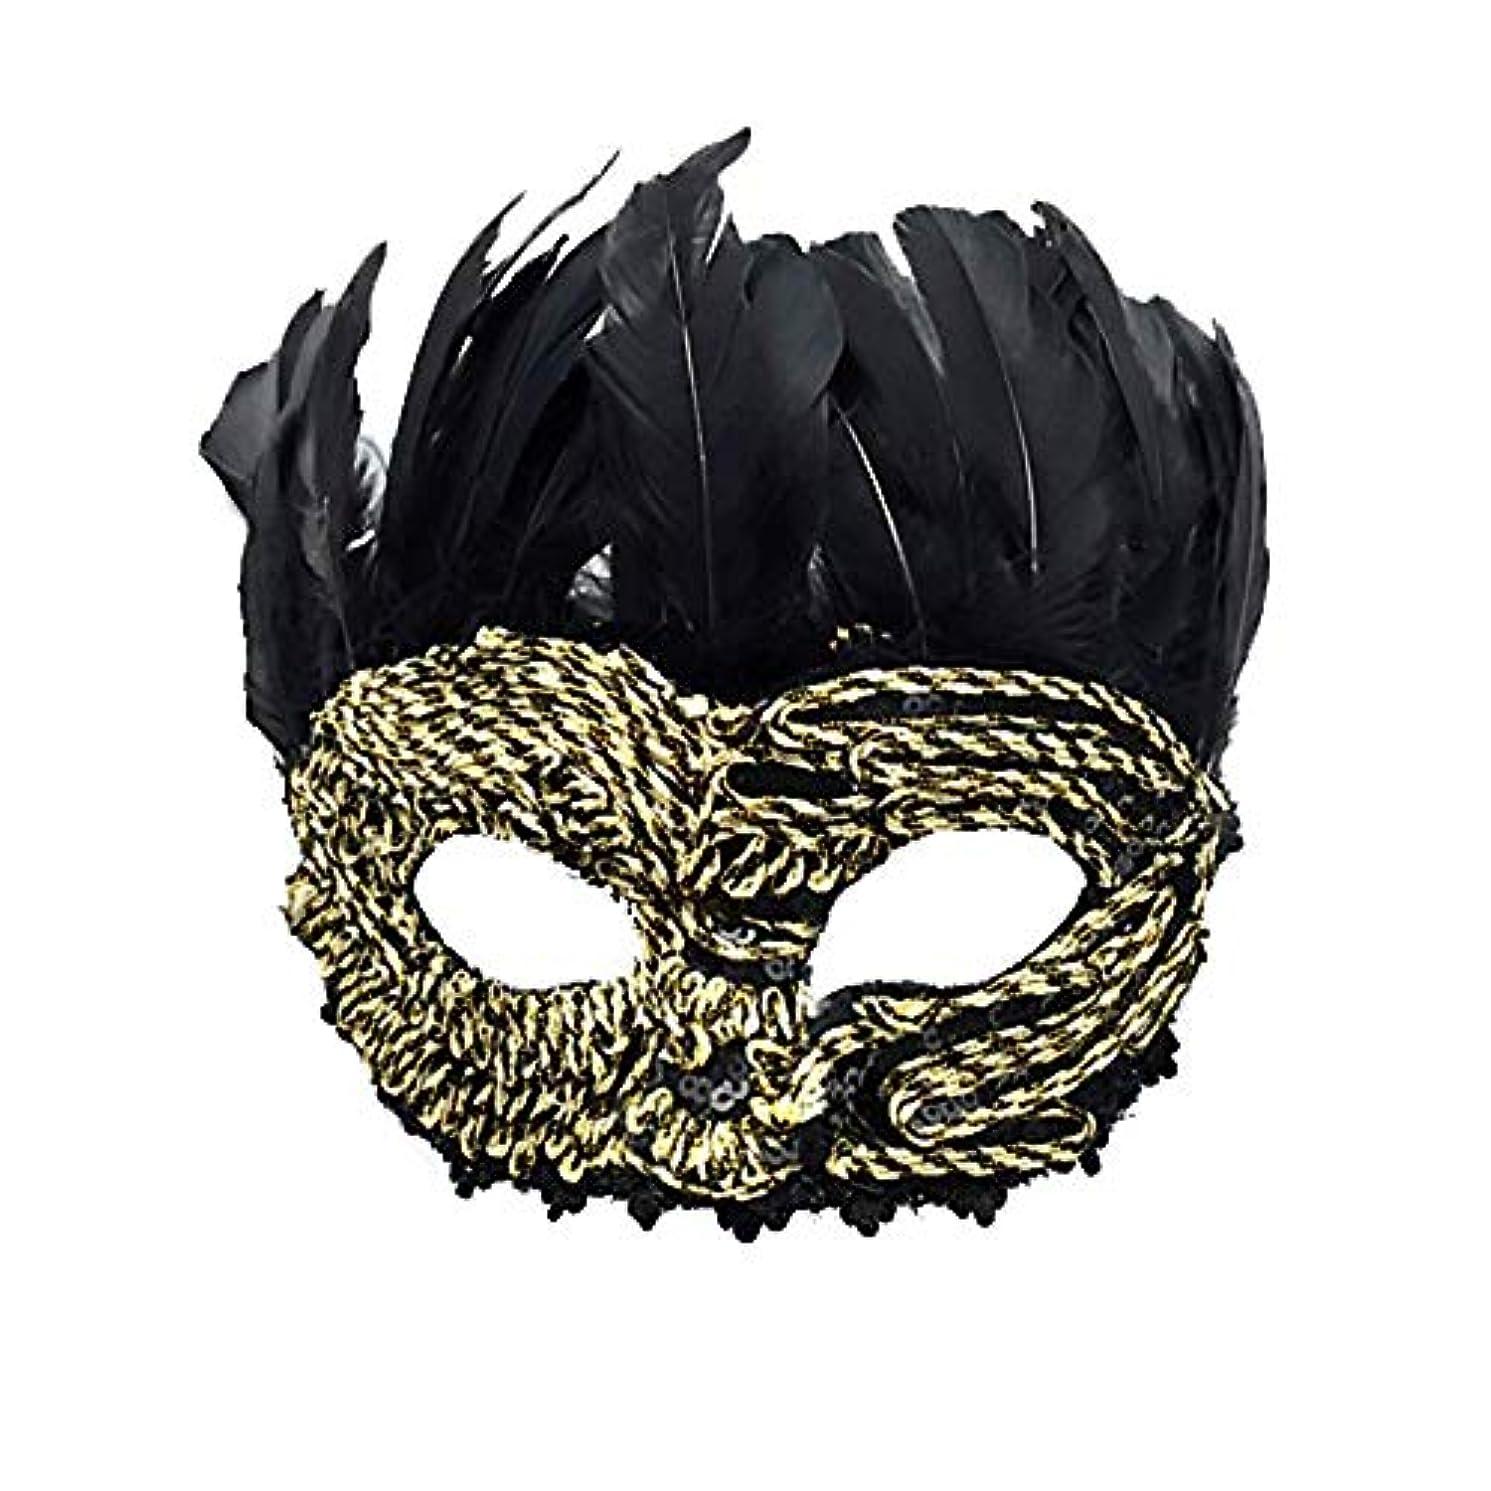 ボーダー成長する砂漠Nanle ハロウィーンクリスマスレースフェザースパンコール刺繍マスク仮装マスクレディーメンズミスプリンセス美容祭パーティーデコレーションマスク(カップルモデル) (色 : Style B)